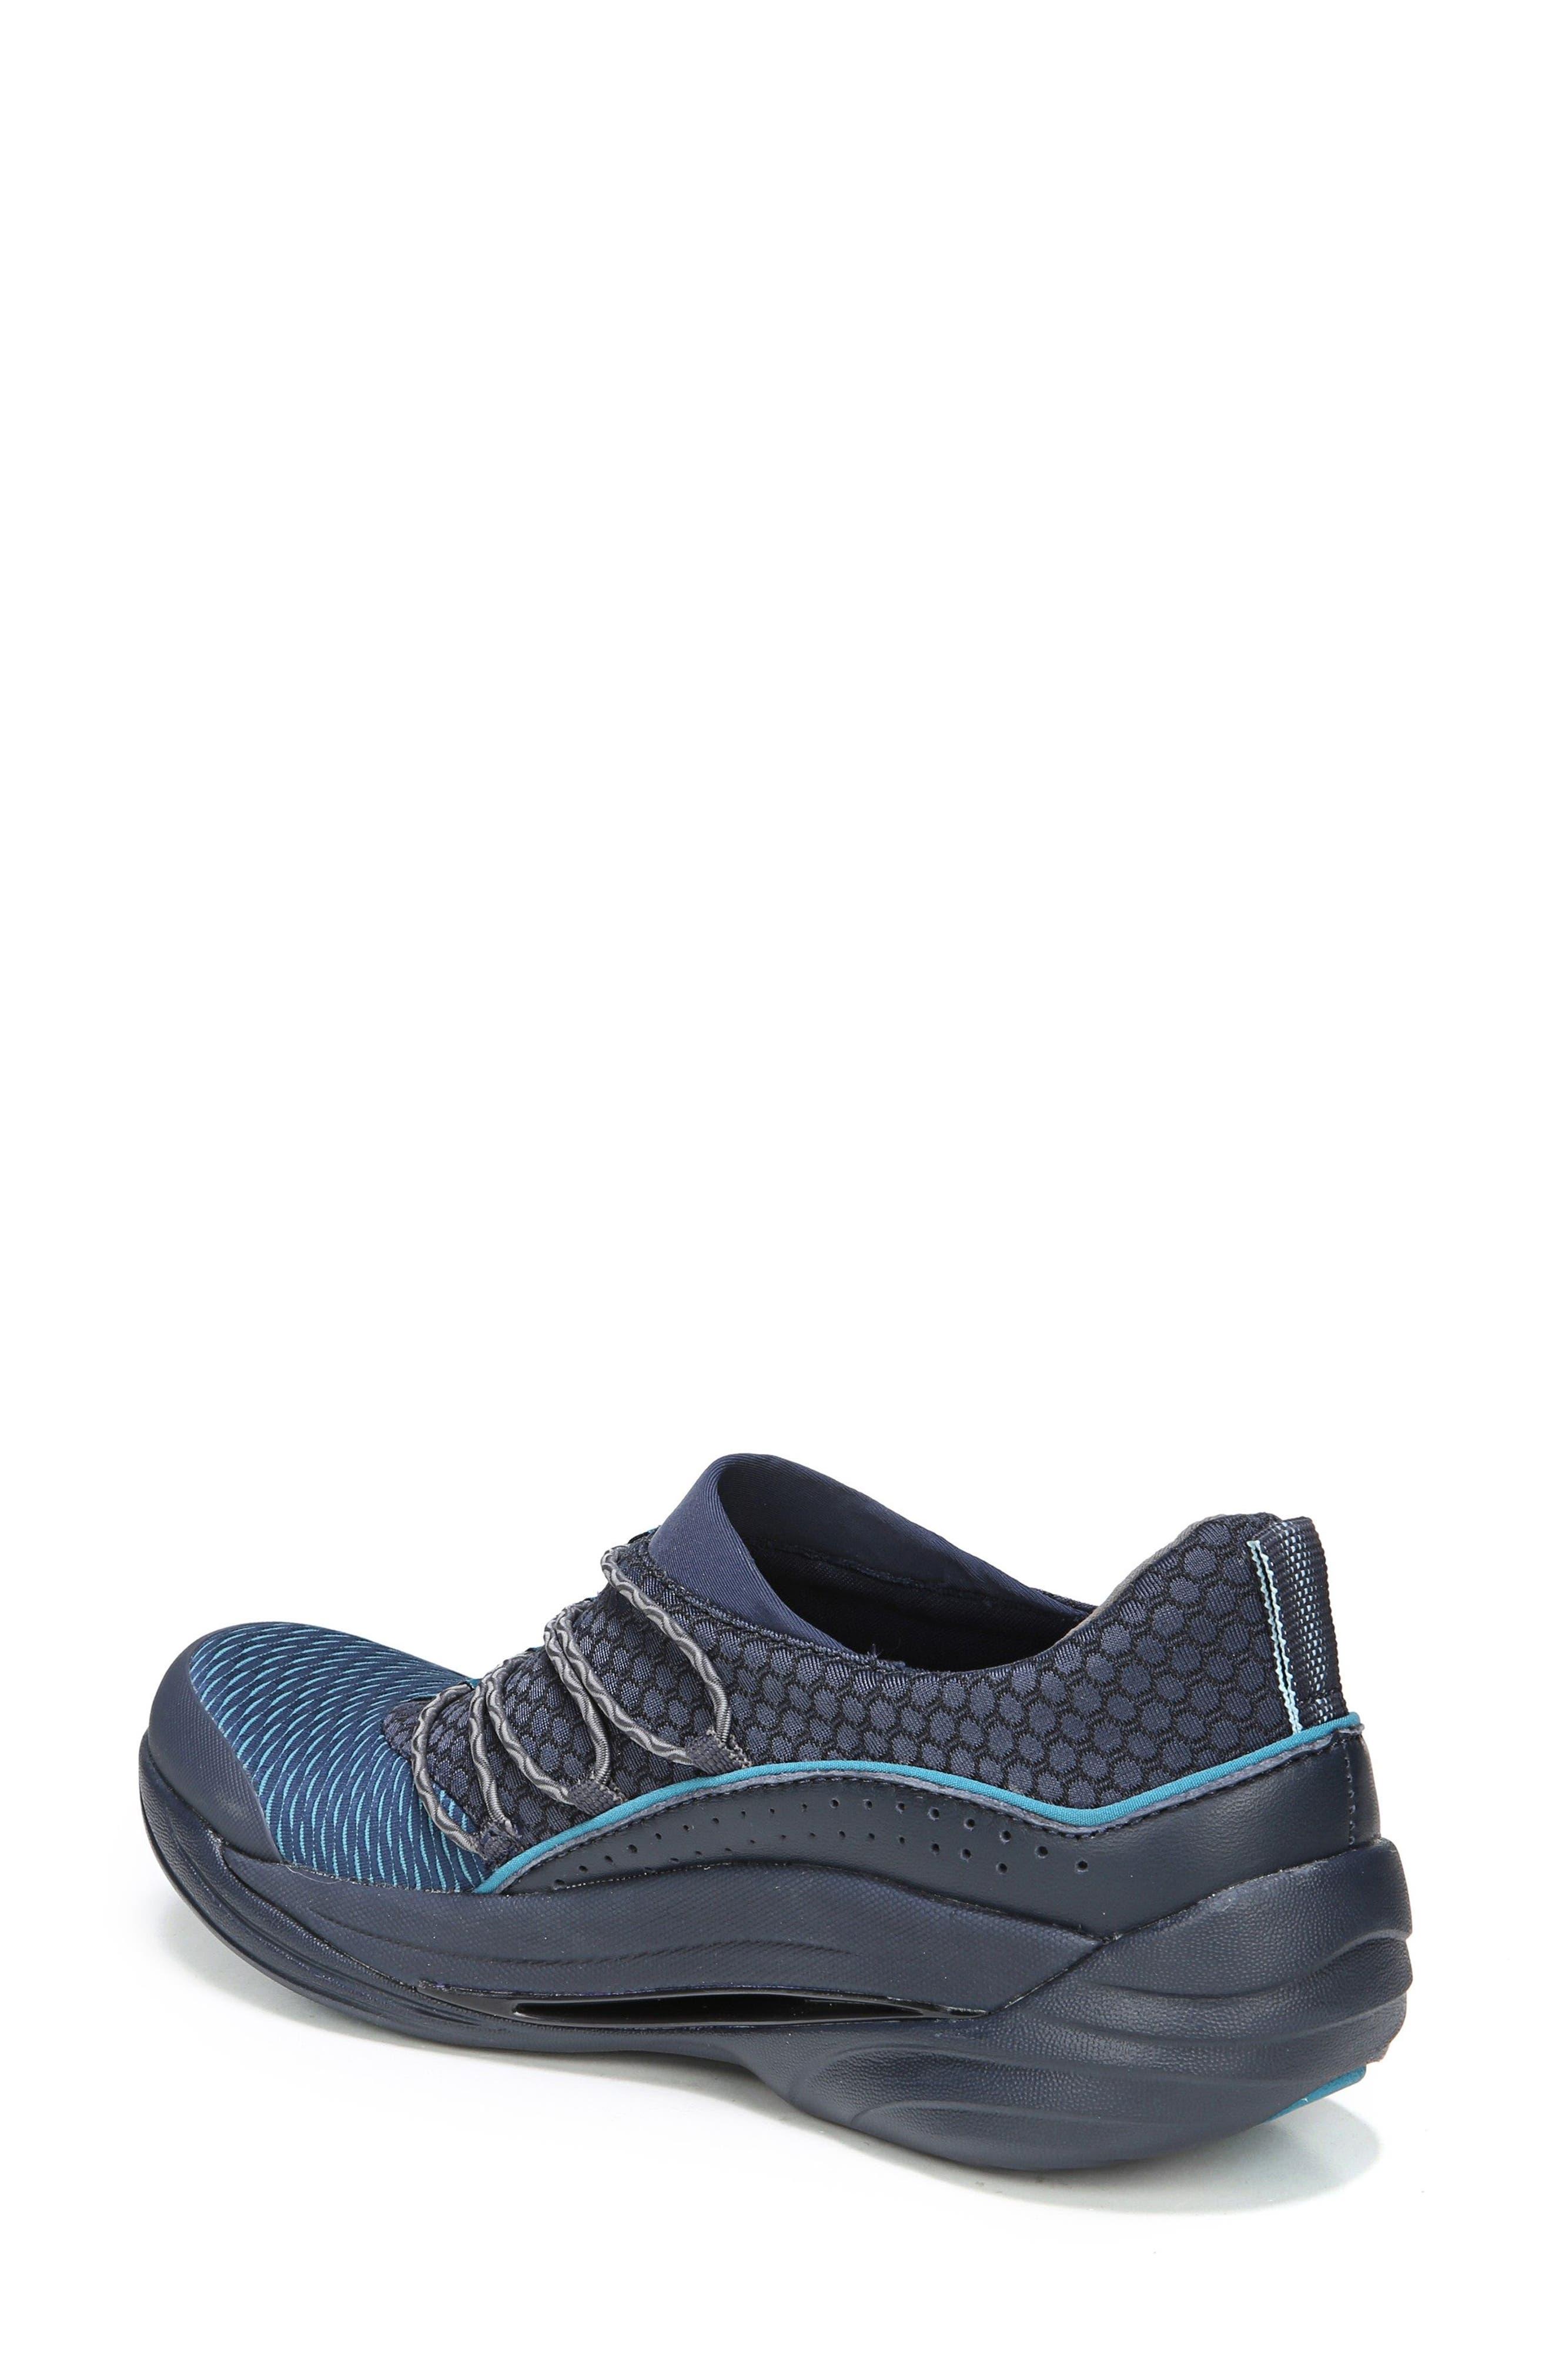 Pisces Slip-On Sneaker,                             Alternate thumbnail 2, color,                             NAVY